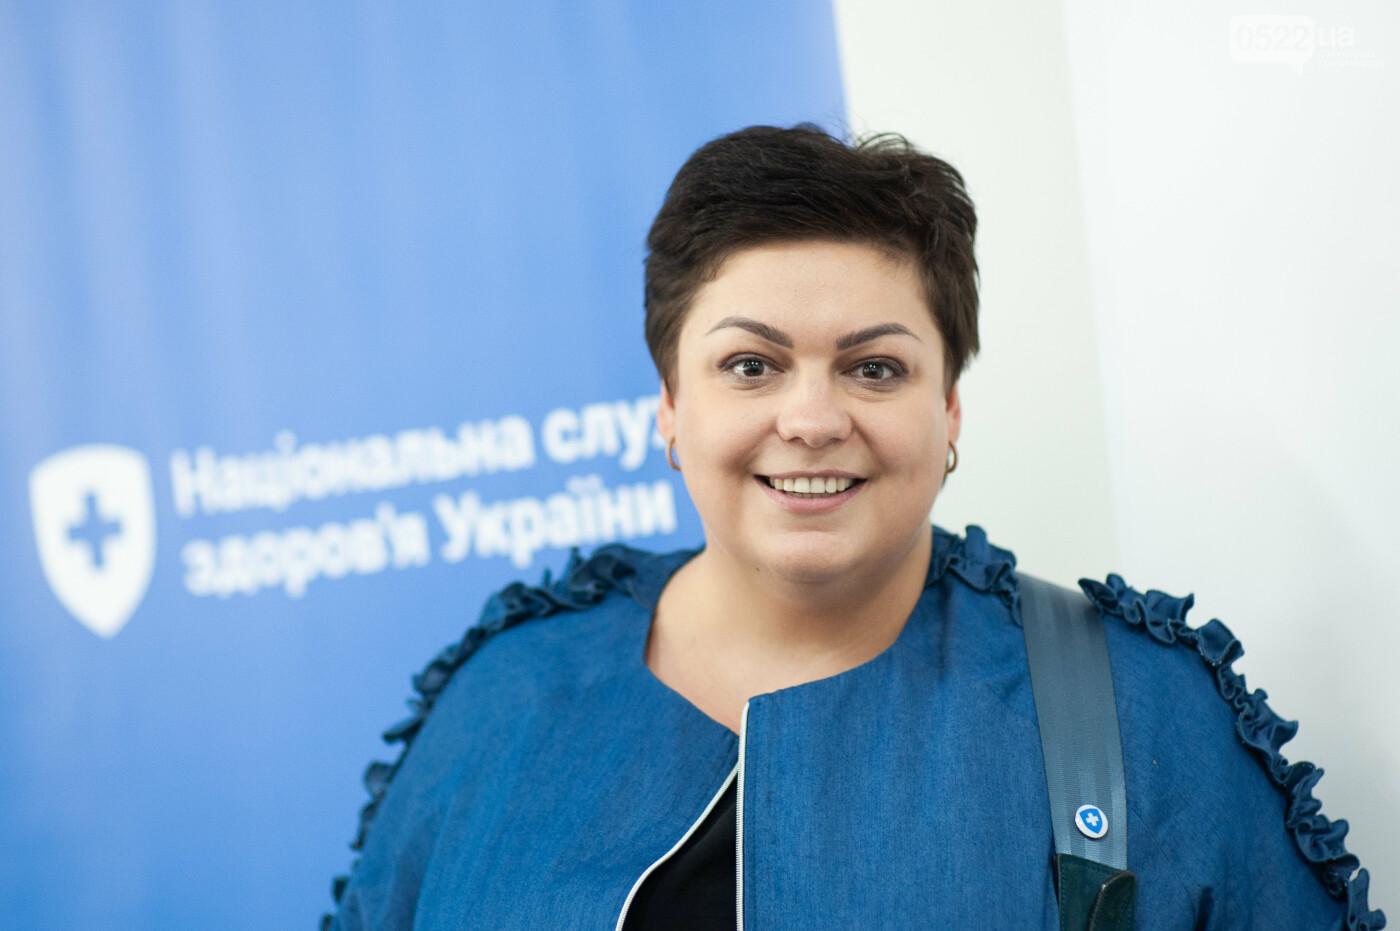 Близько 123 мільйонів гривень отримали лікарні Кіровоградщини у квітні, фото-1